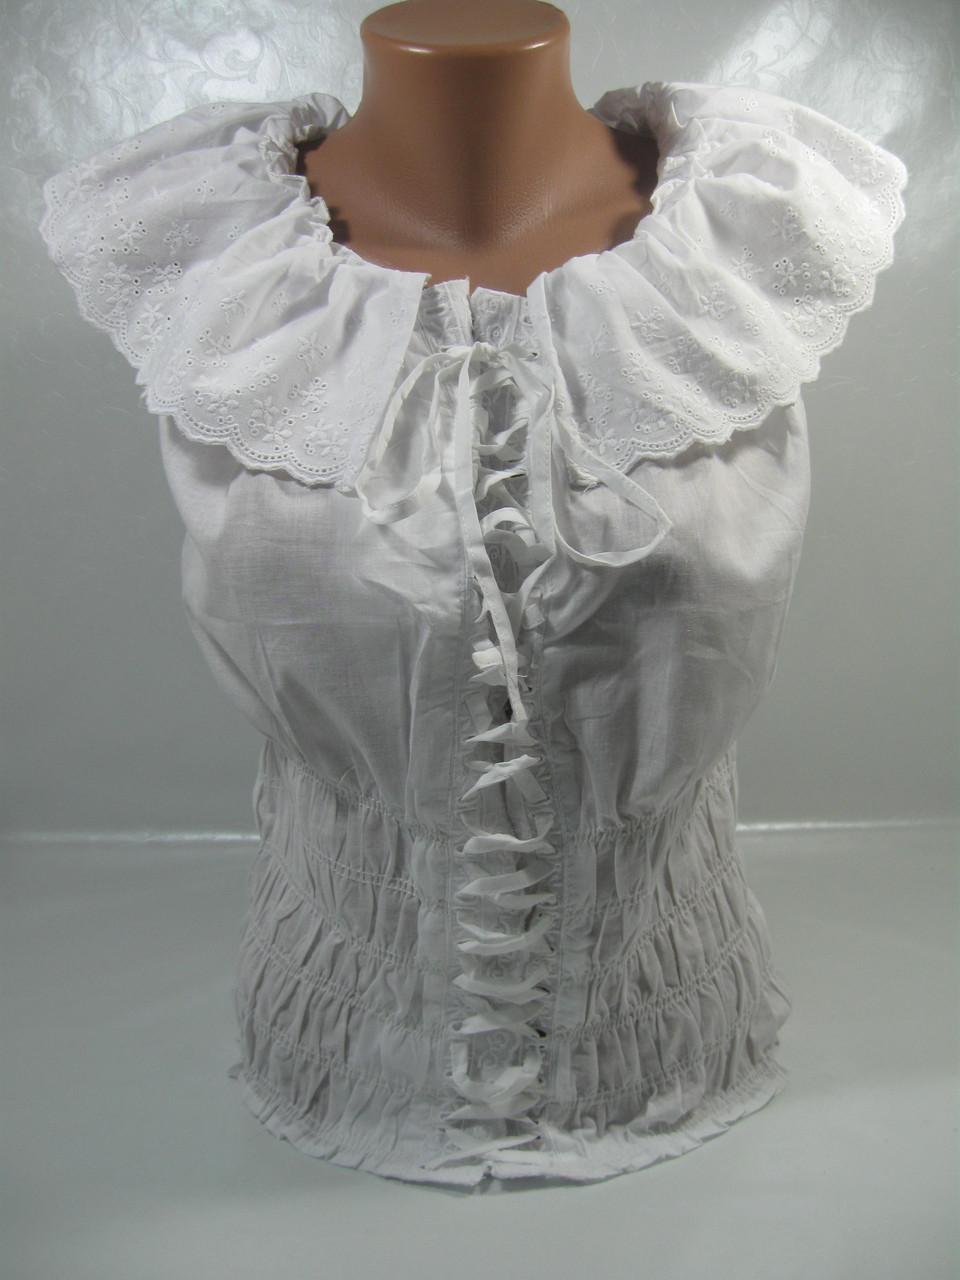 Блузка летняя женская, размеры S(2),M(4),L(3), хлопок 100%, арт. 1108/7468